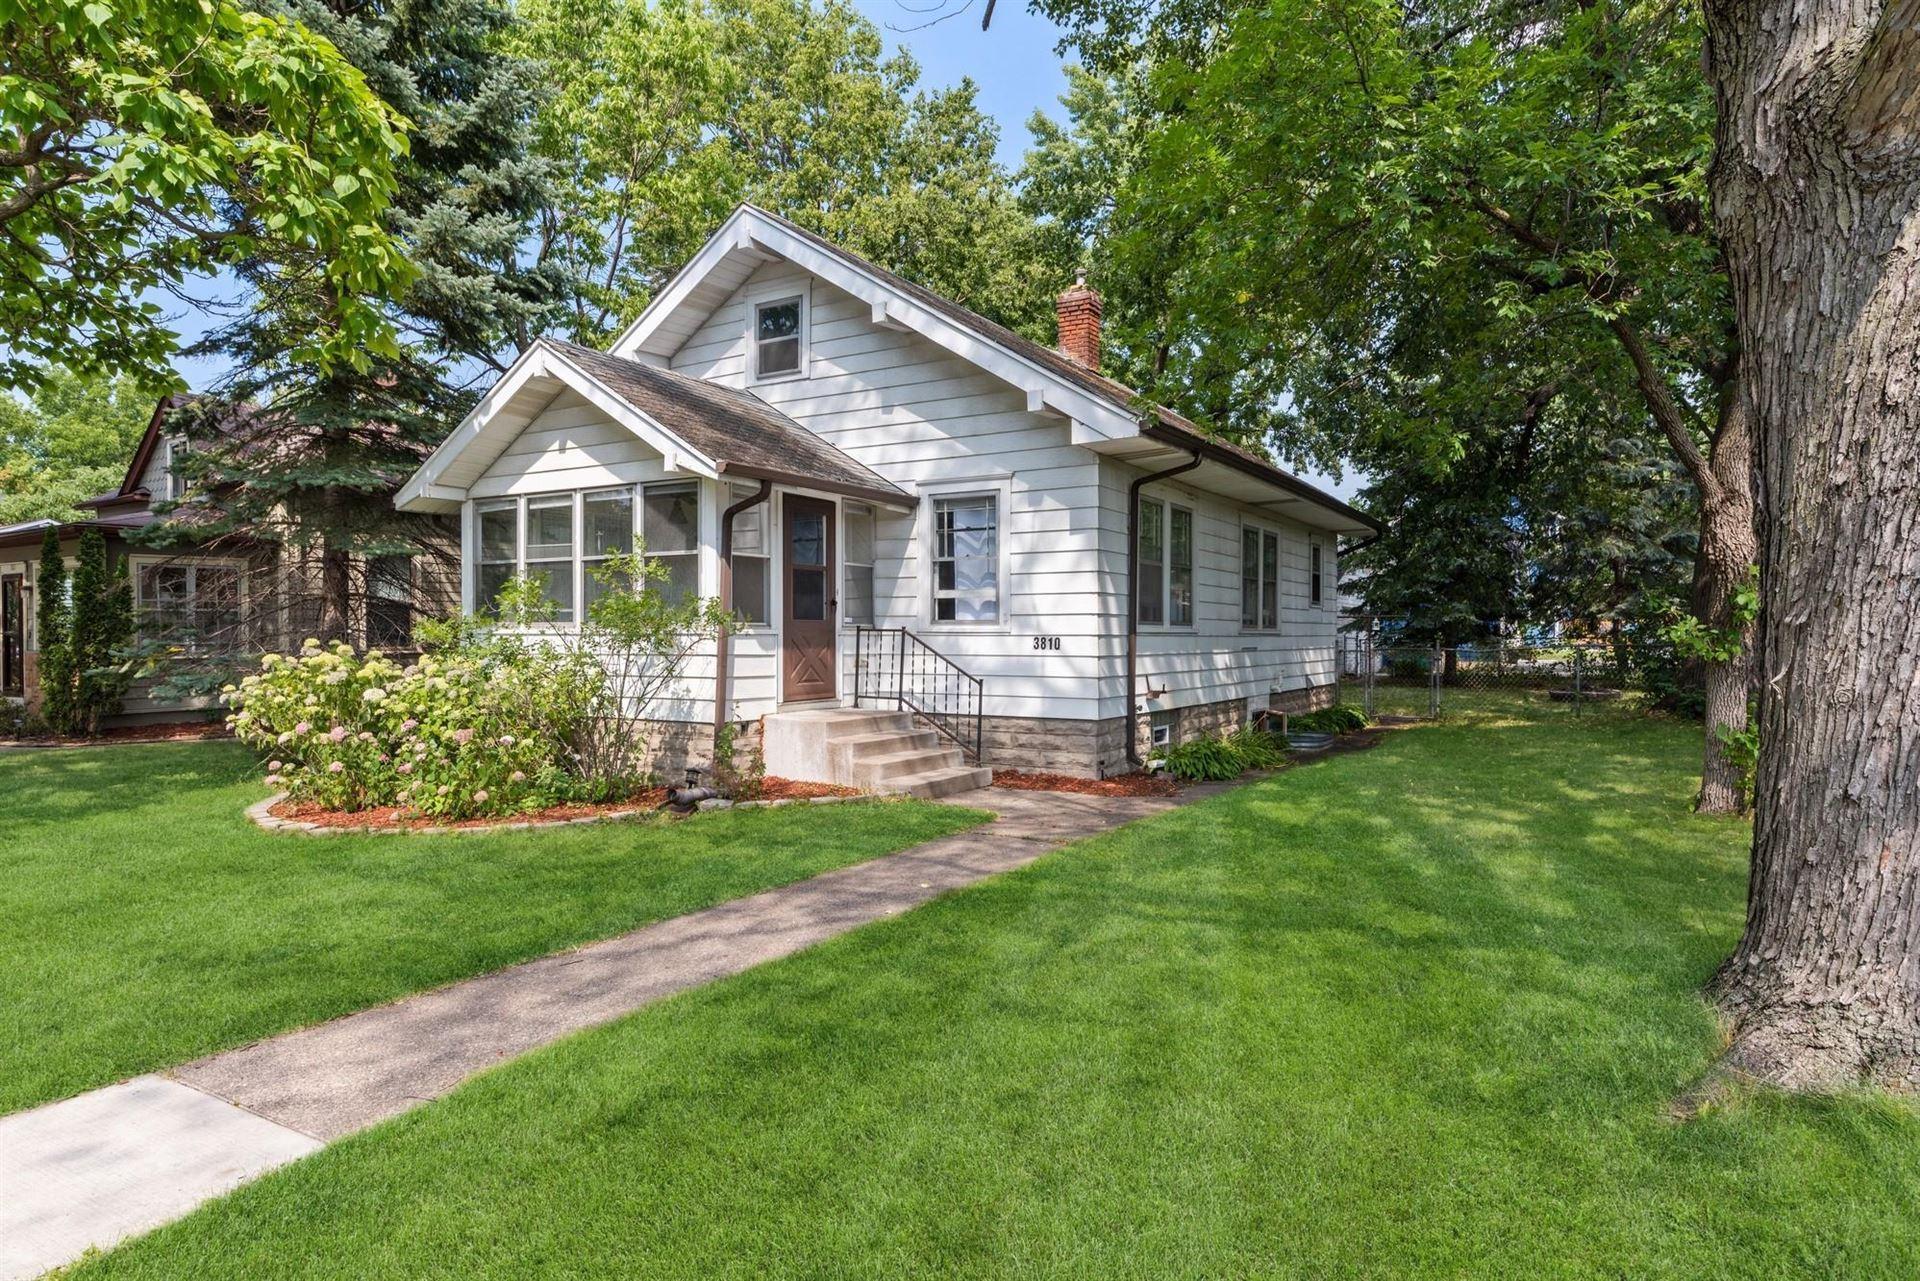 3810 Noble Avenue N, Robbinsdale, MN 55422 - MLS#: 6070697